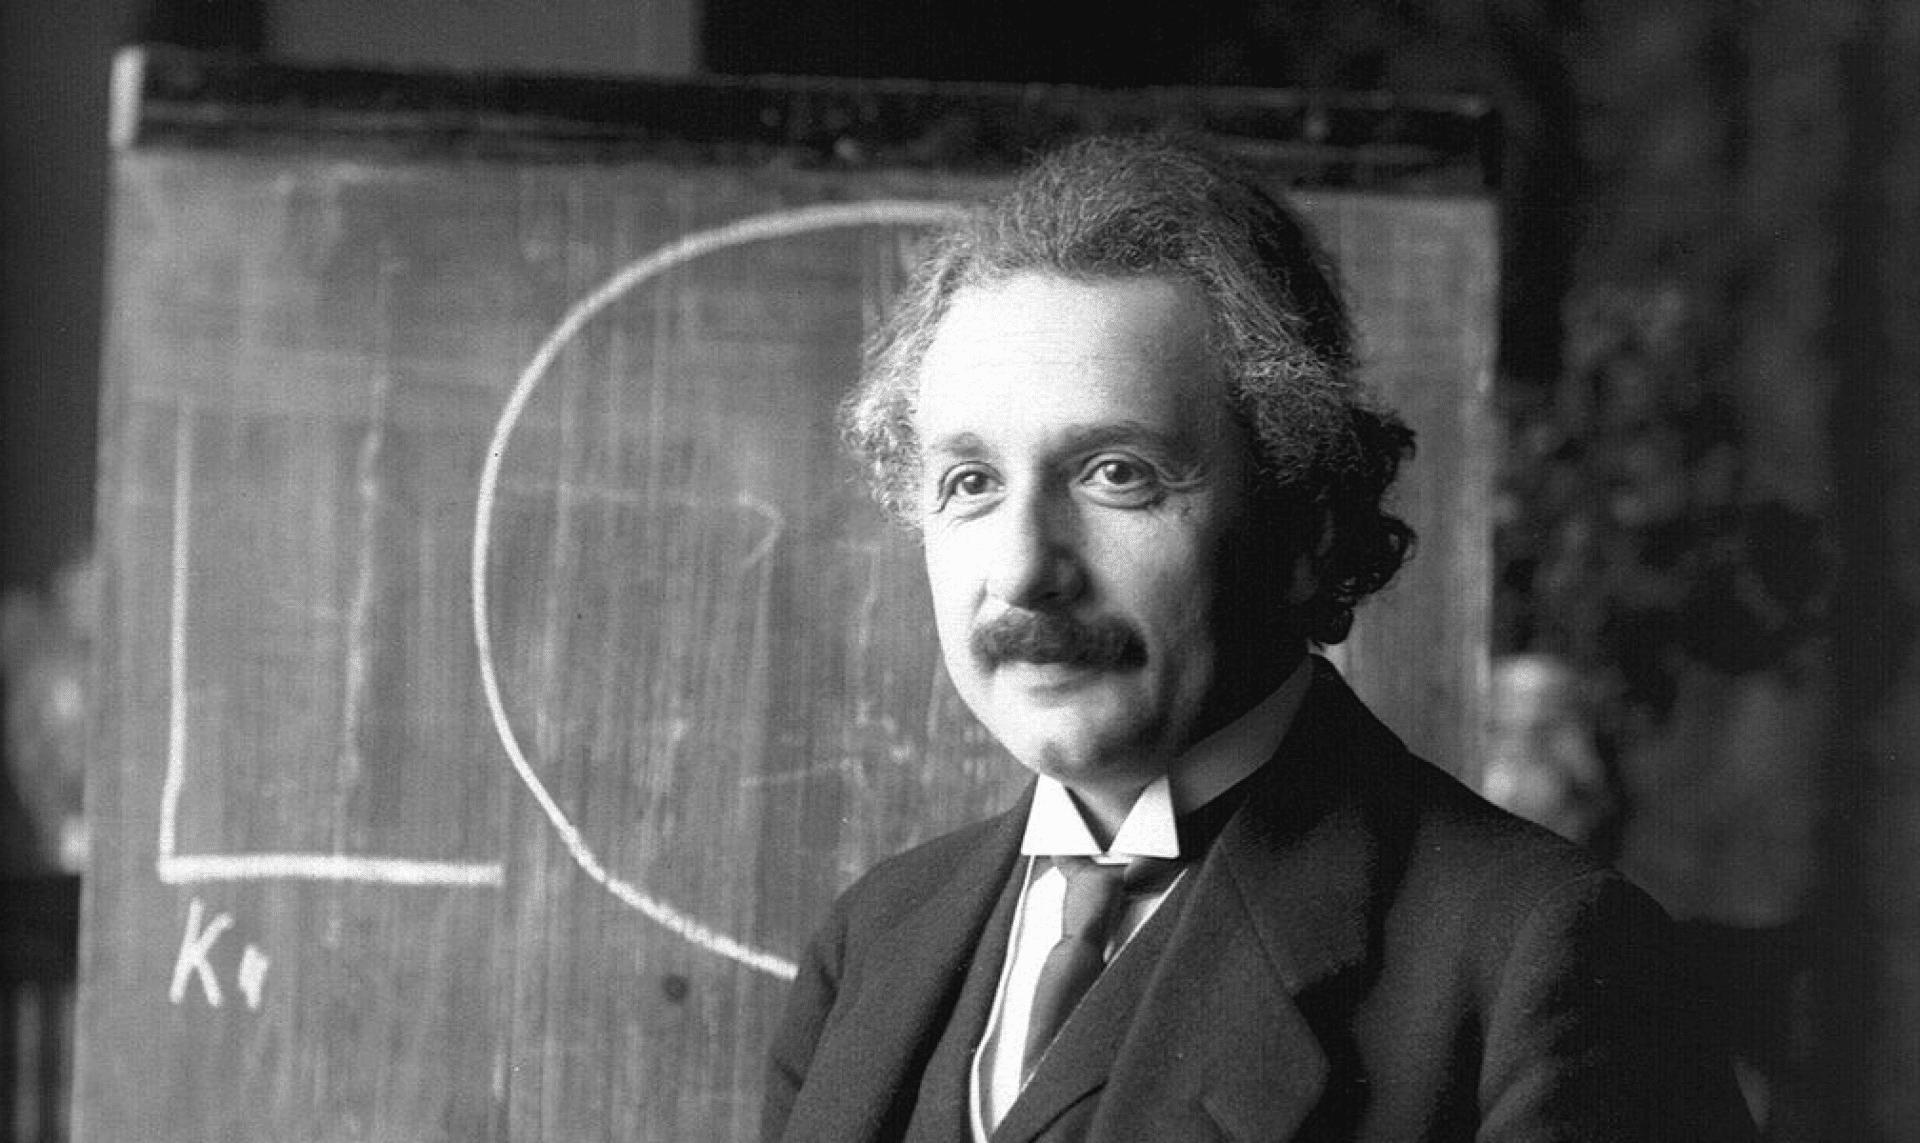 Albert Einstein during a lecture in Vienna in 1921, photo by Ferdinand Schmutzer. Public domain.